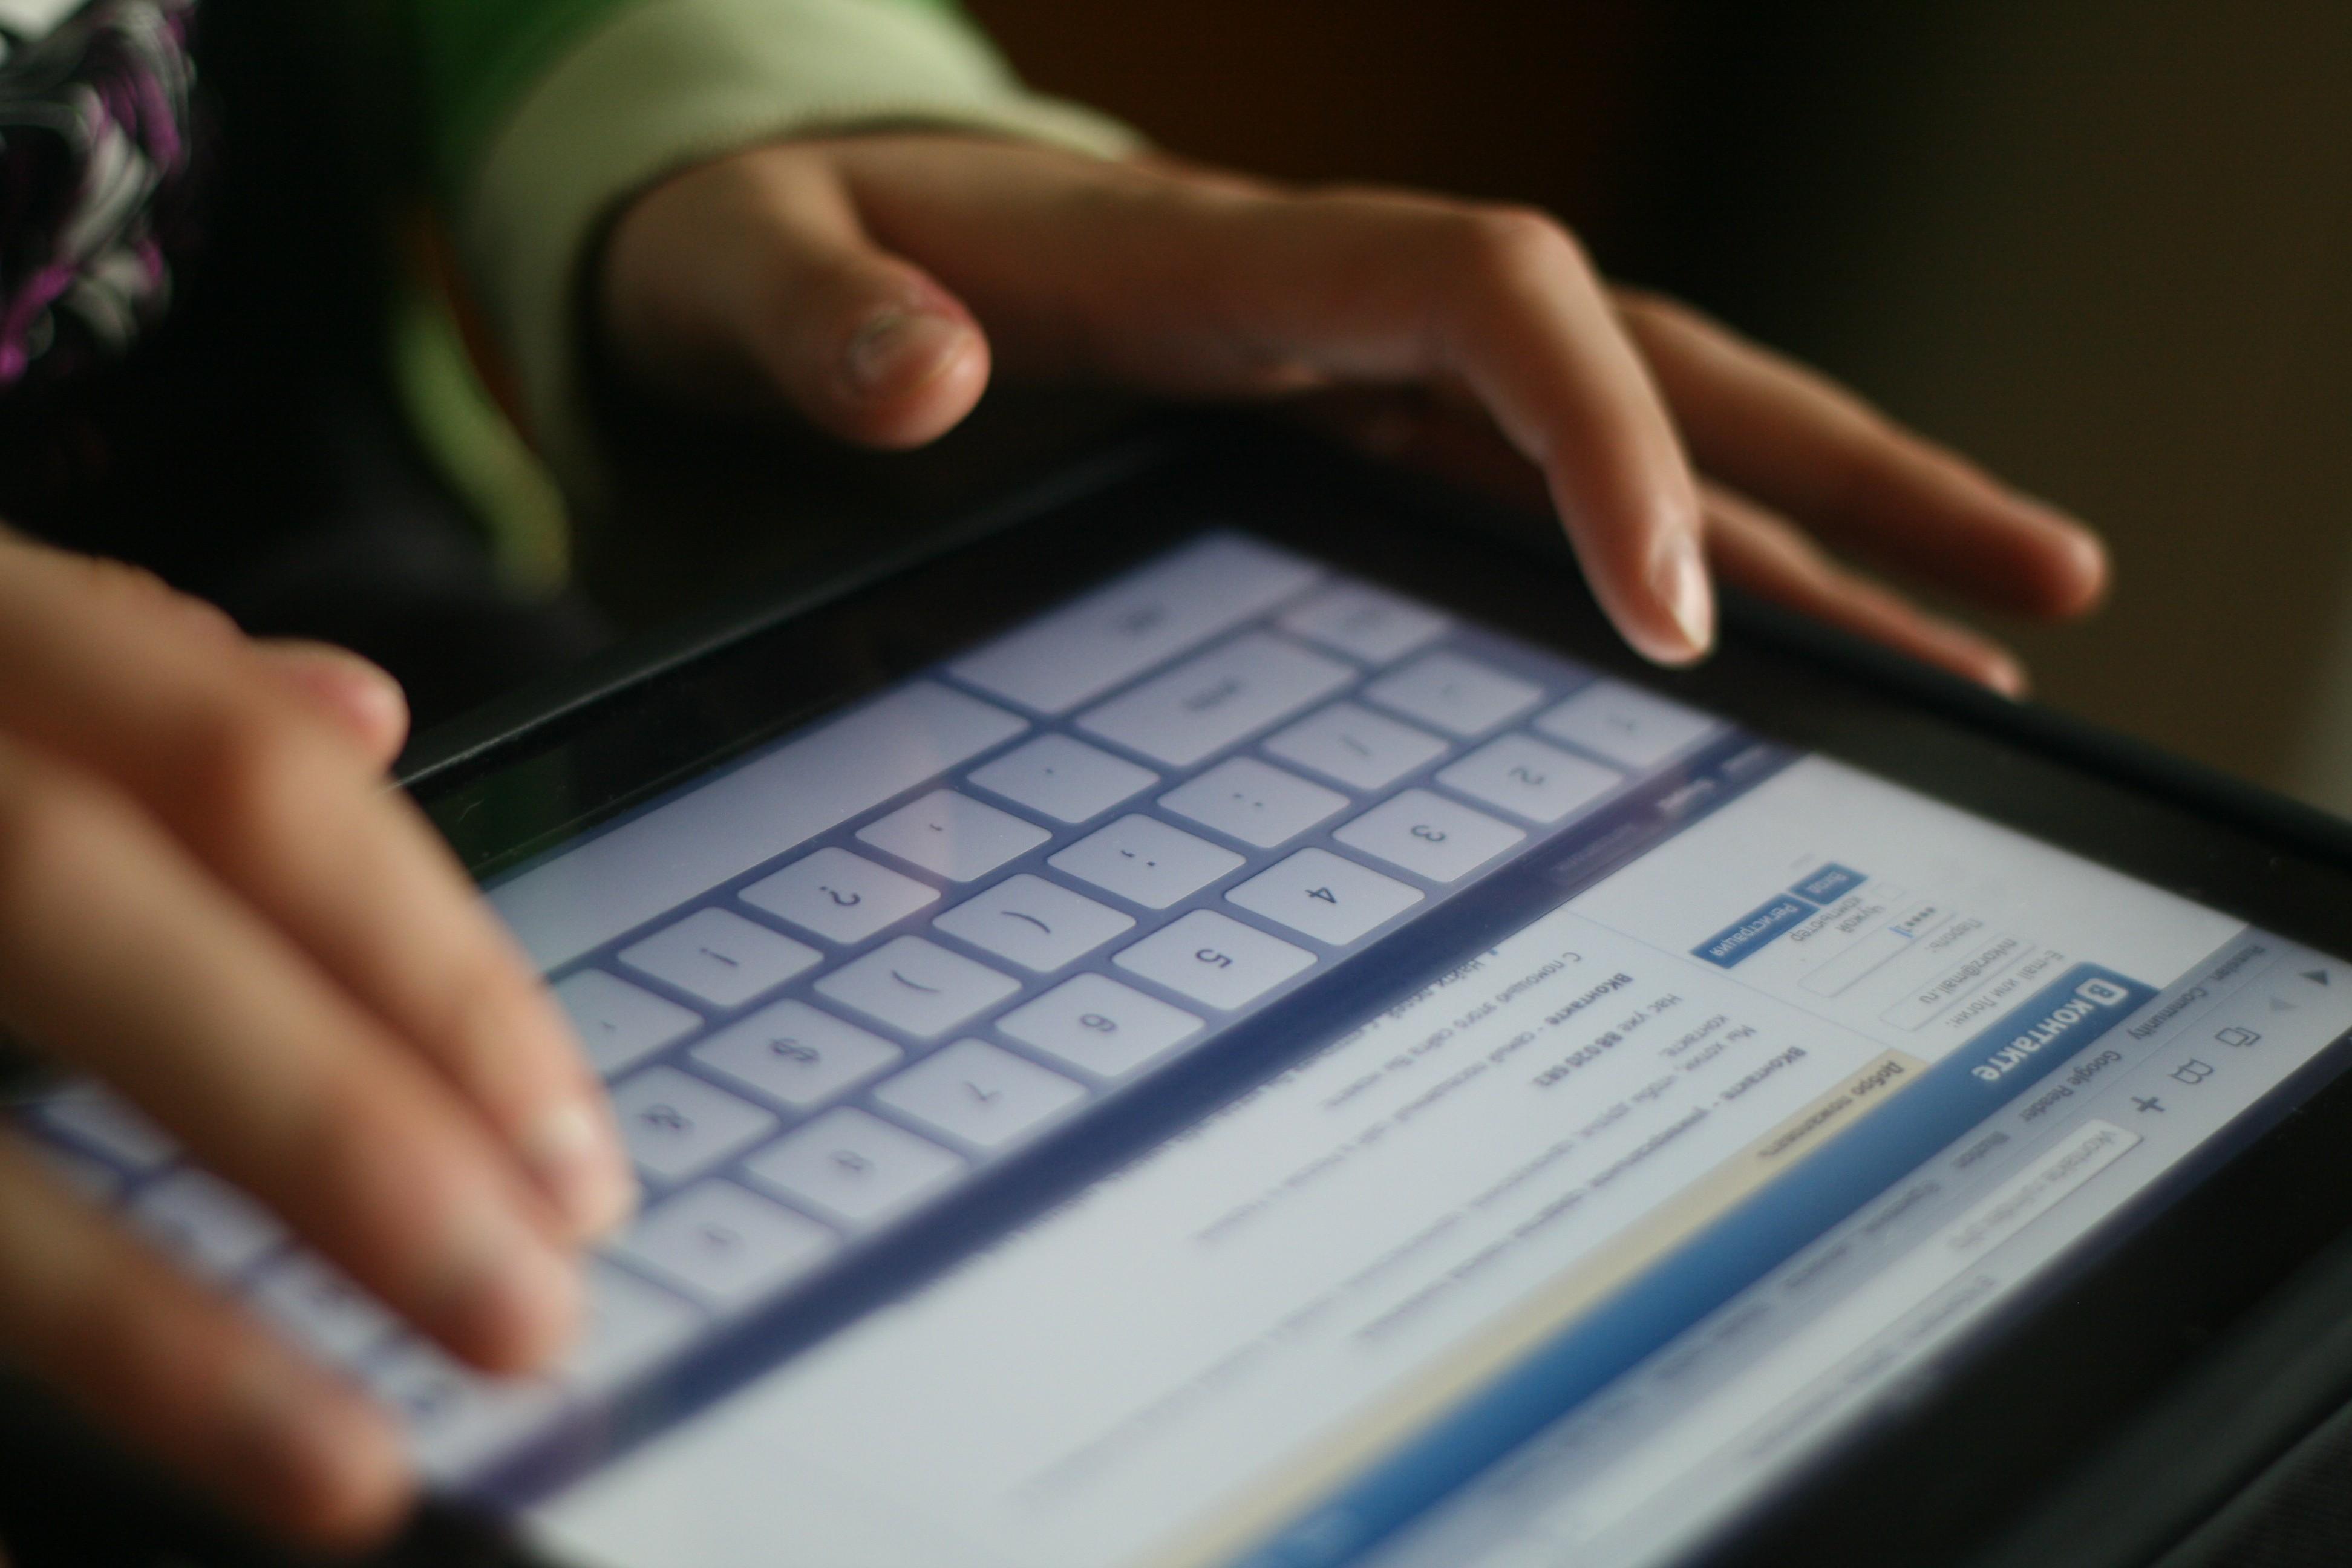 Жителей Харьковщины оставили без доступа к некоторым сайтам